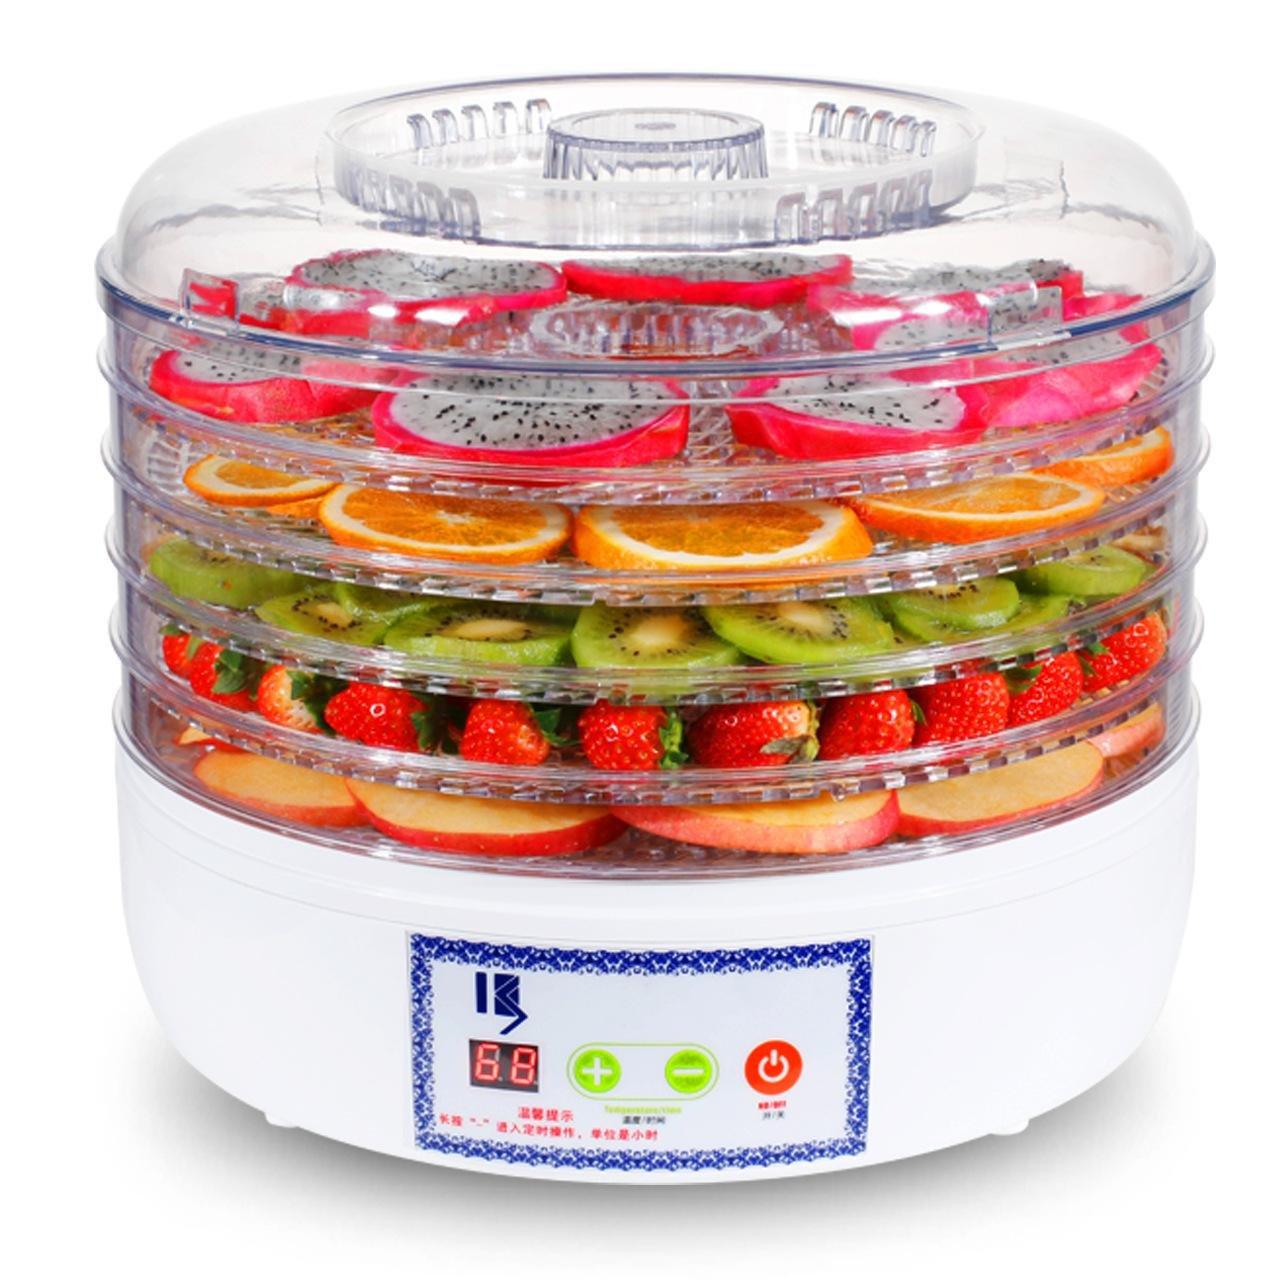 precios razonables Deshidratador Digital de de de Secadora de Alimentos Deshidratador de fruta de 5 niveles con control de temperatura ajustable y temporizador  respuestas rápidas